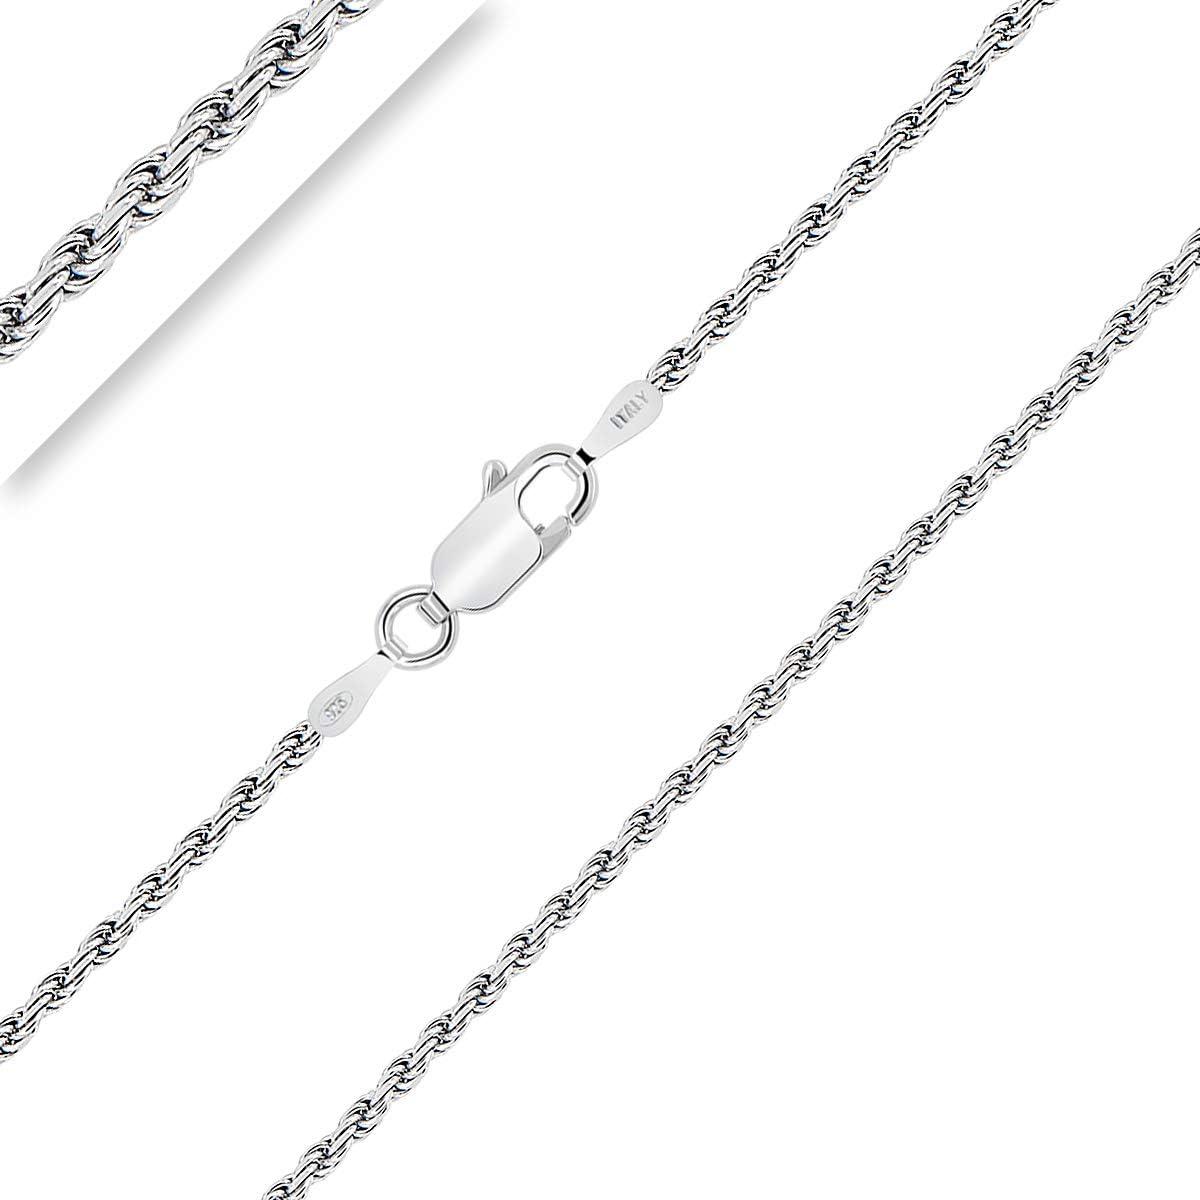 PLANETYS Cha/îne Argent 925//1000 Rhodi/é Maille For/çat Diamant/ée 1 mm 40-45-50-55-60-65-70 cm